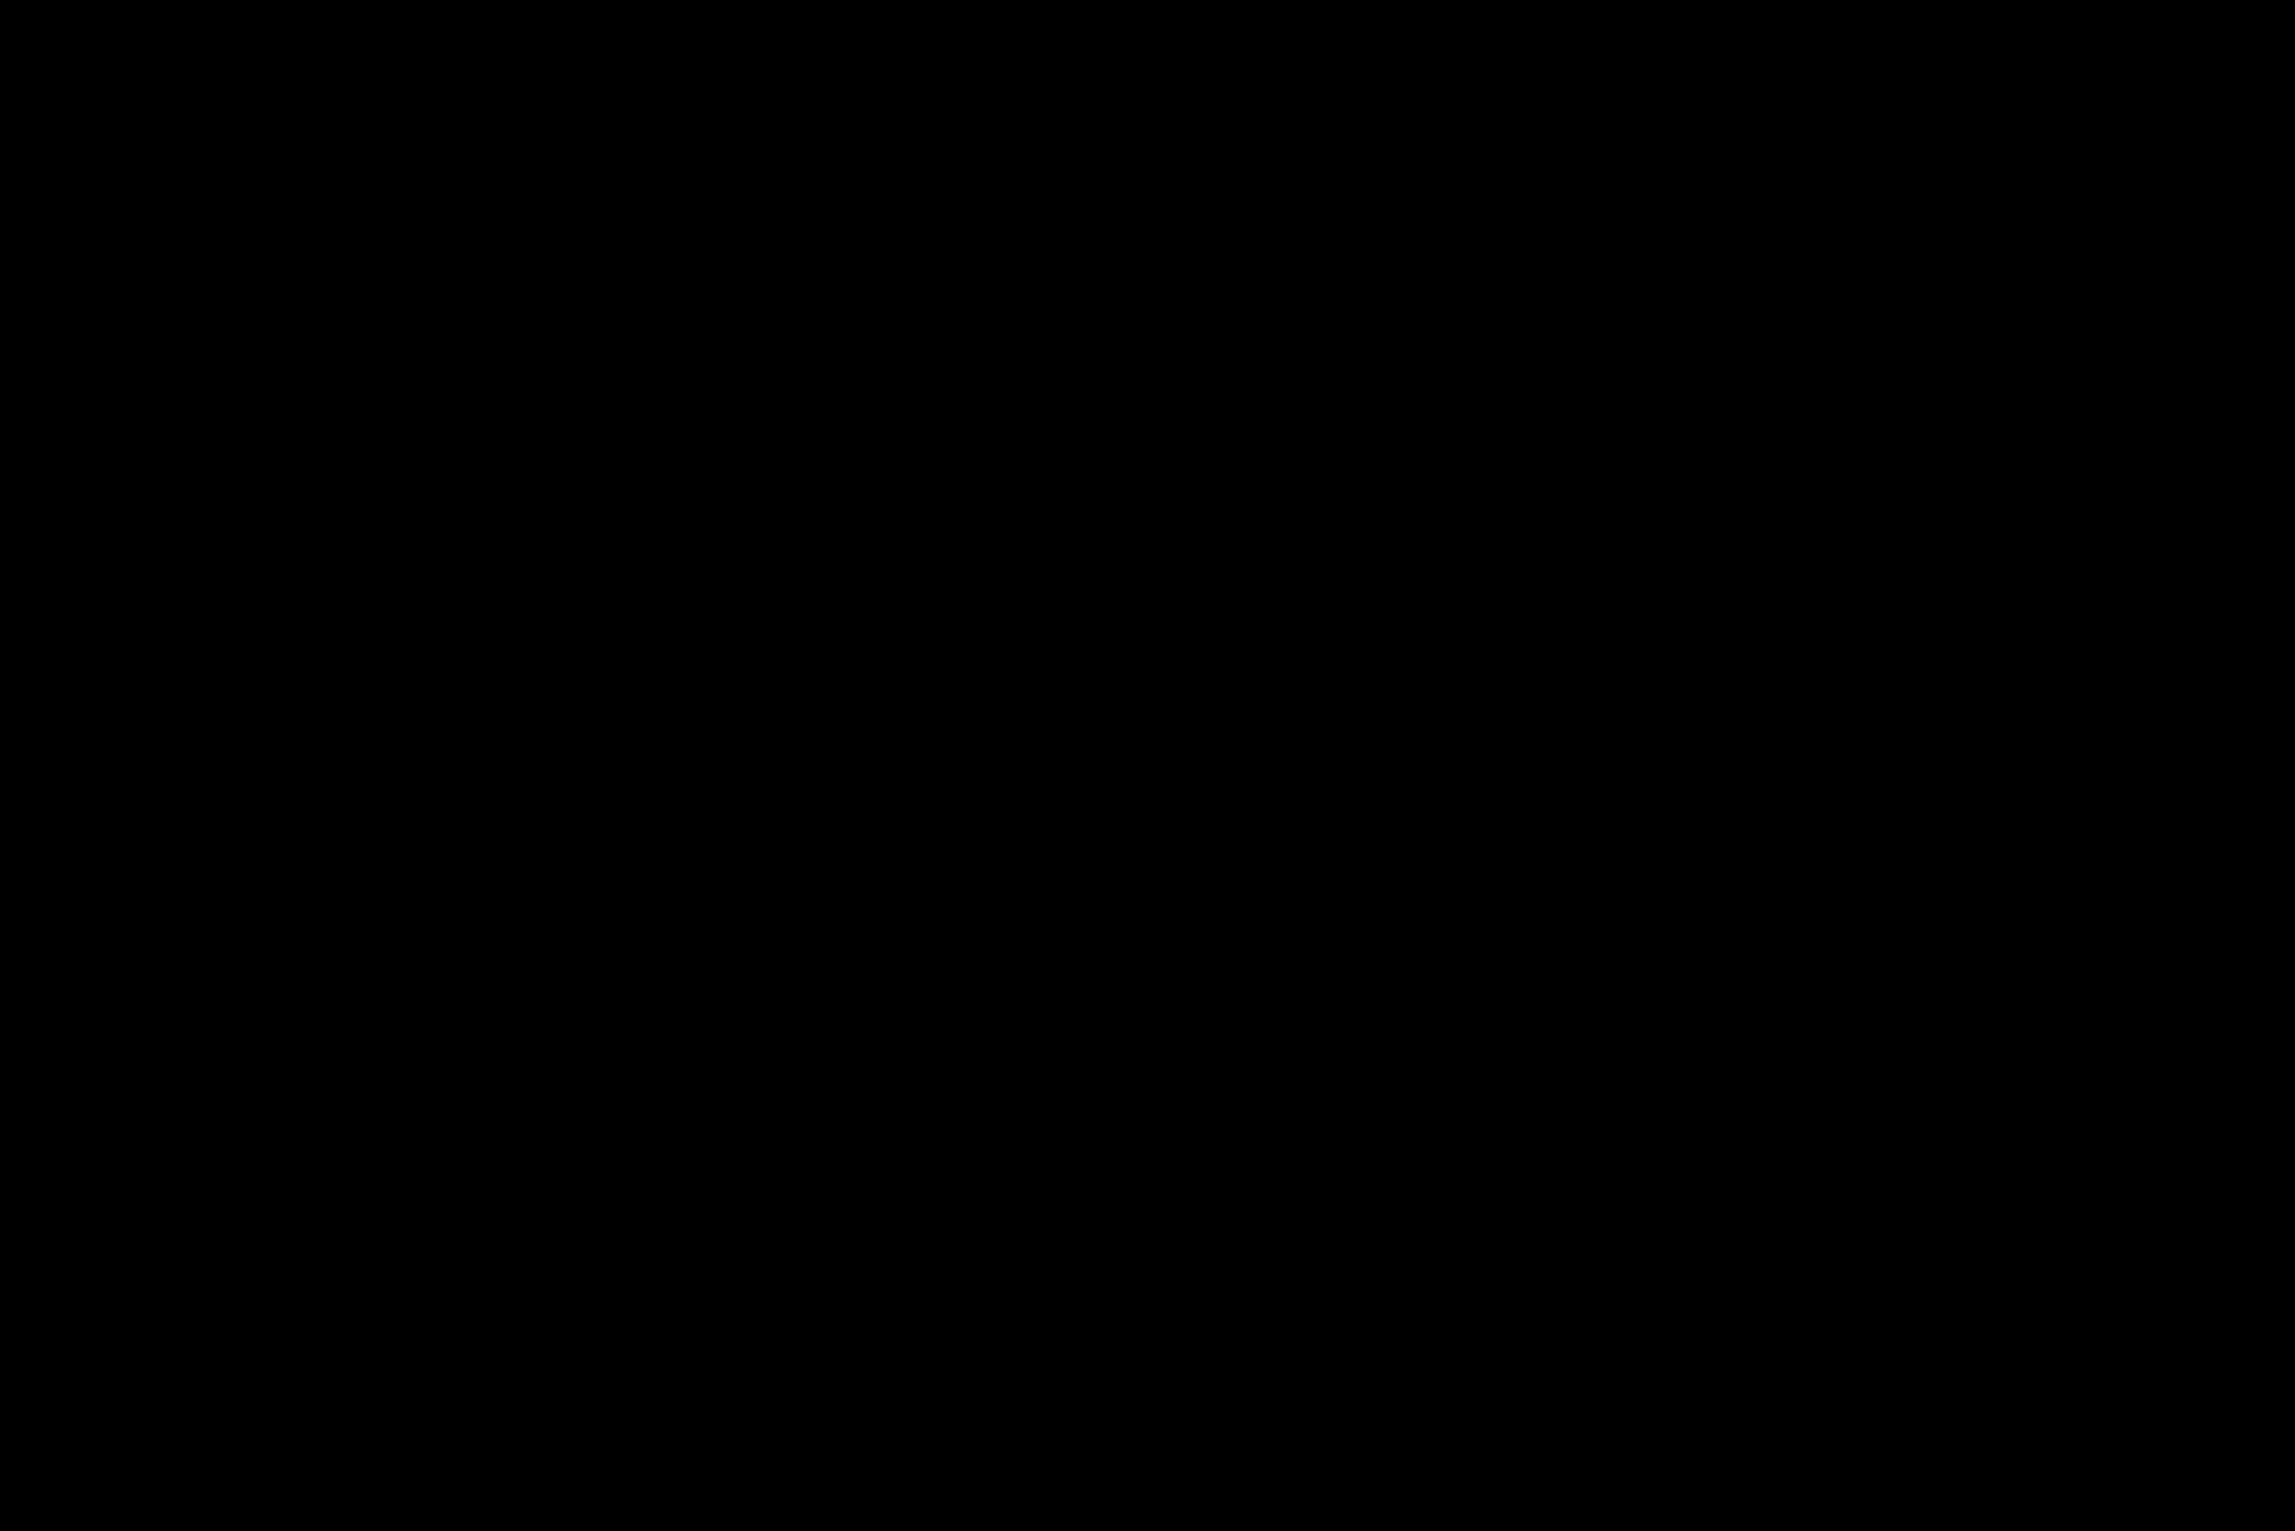 NACE EN VIGO 'FISHING ACCELERATOR', UNA INICIATIVA ÚNICA QUE ATRAERÁ TECNOLOGÍA DE TODO EL MUNDO PARA POTENCIAR LA COMPETITIVIDAD DEL SECTOR PESQUERO